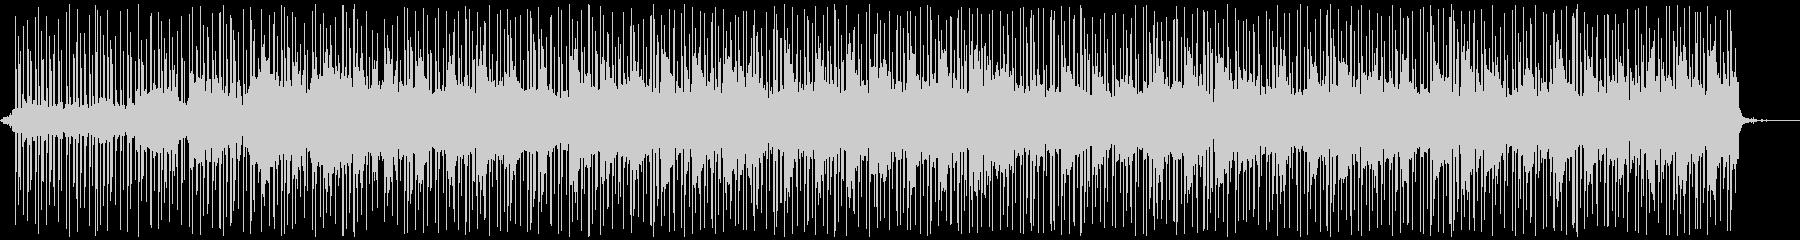 幻想的なChillhop/アンビエント系の未再生の波形